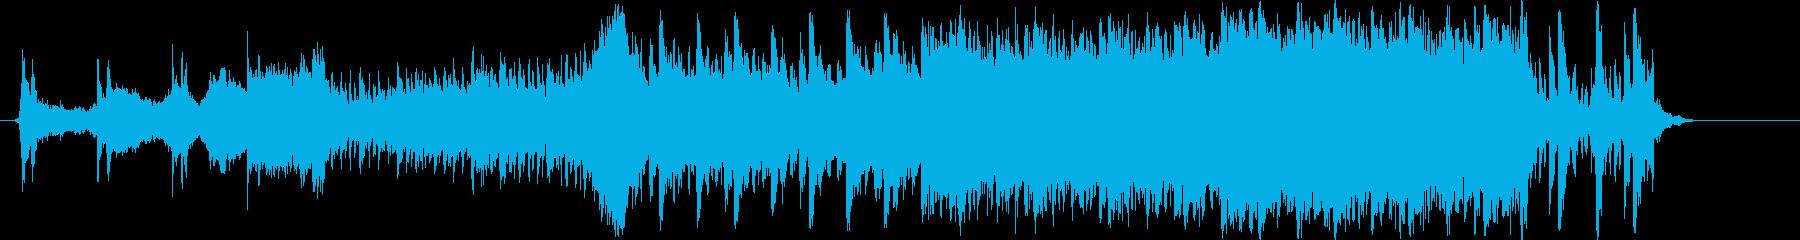 ダークヒーロー系テーマの再生済みの波形